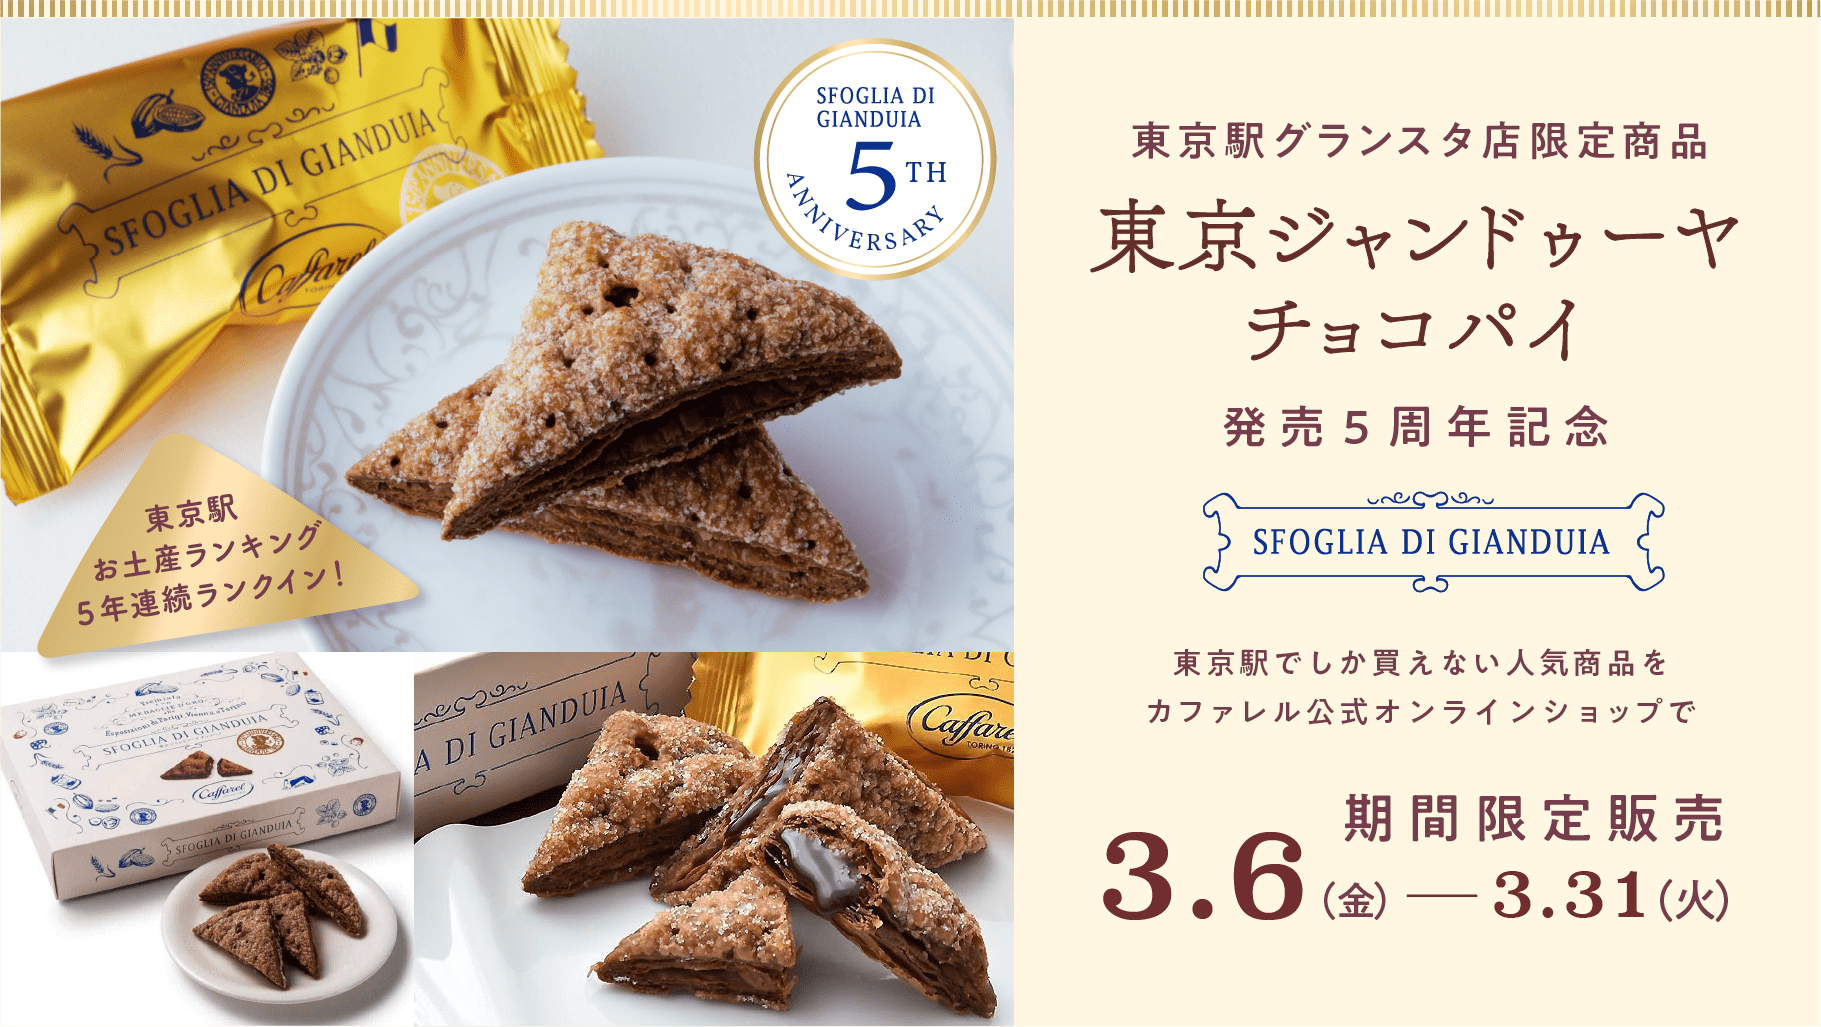 東京ジャンドゥーヤチョコパイ 通販期間限定販売